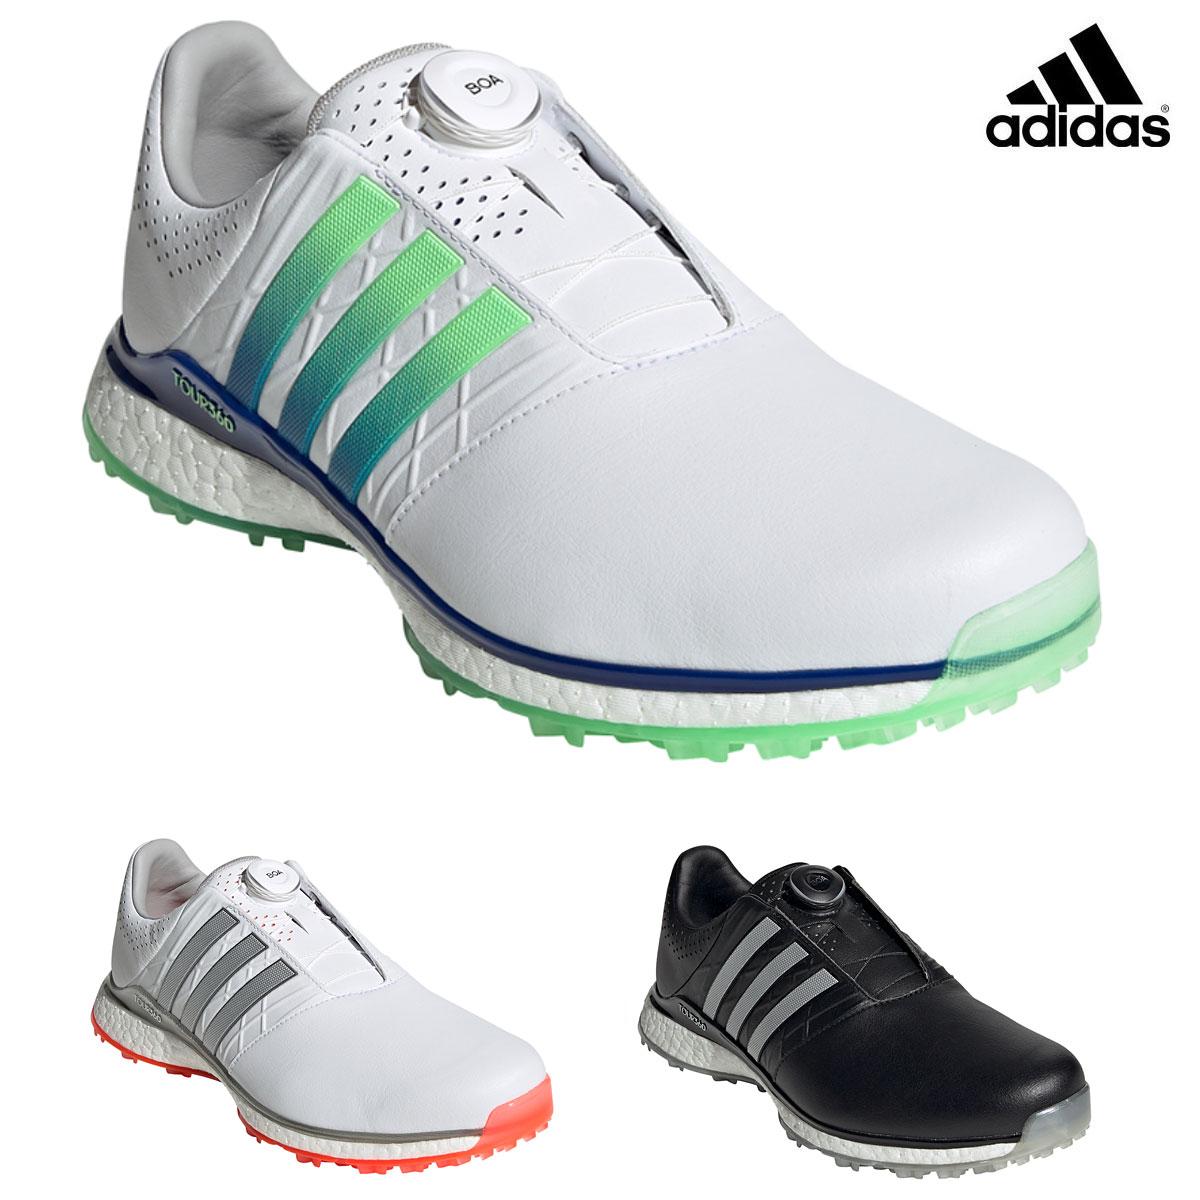 激安37%OFF 即納 adidas Golf アディダスゴルフ 日本正規品 オンラインショップ TOUR360XT BOA あす楽対応 スパイクレスゴルフシューズ 即日出荷 2 2020モデル GVS00 SL